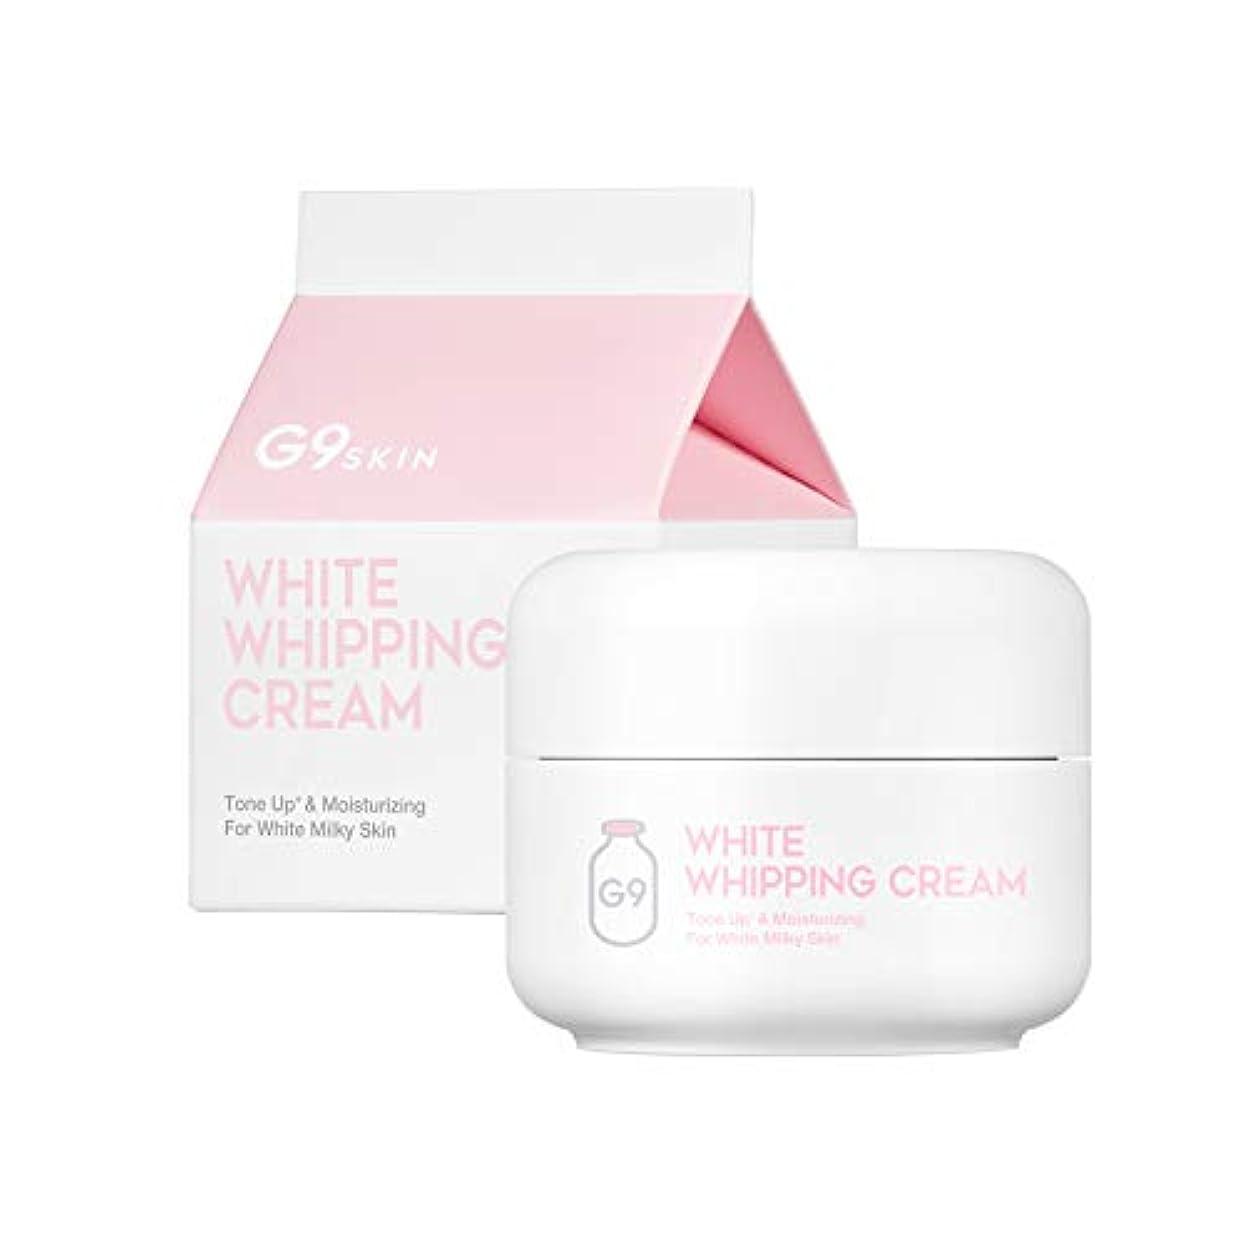 刺繍カルシウム眠り[ジナインスキン] G9SKIN ジーナイン スキン ホワイト フイッピング クリーム (G9 Skin White Whipping Cream) [海外直送品] [並行輸入品]